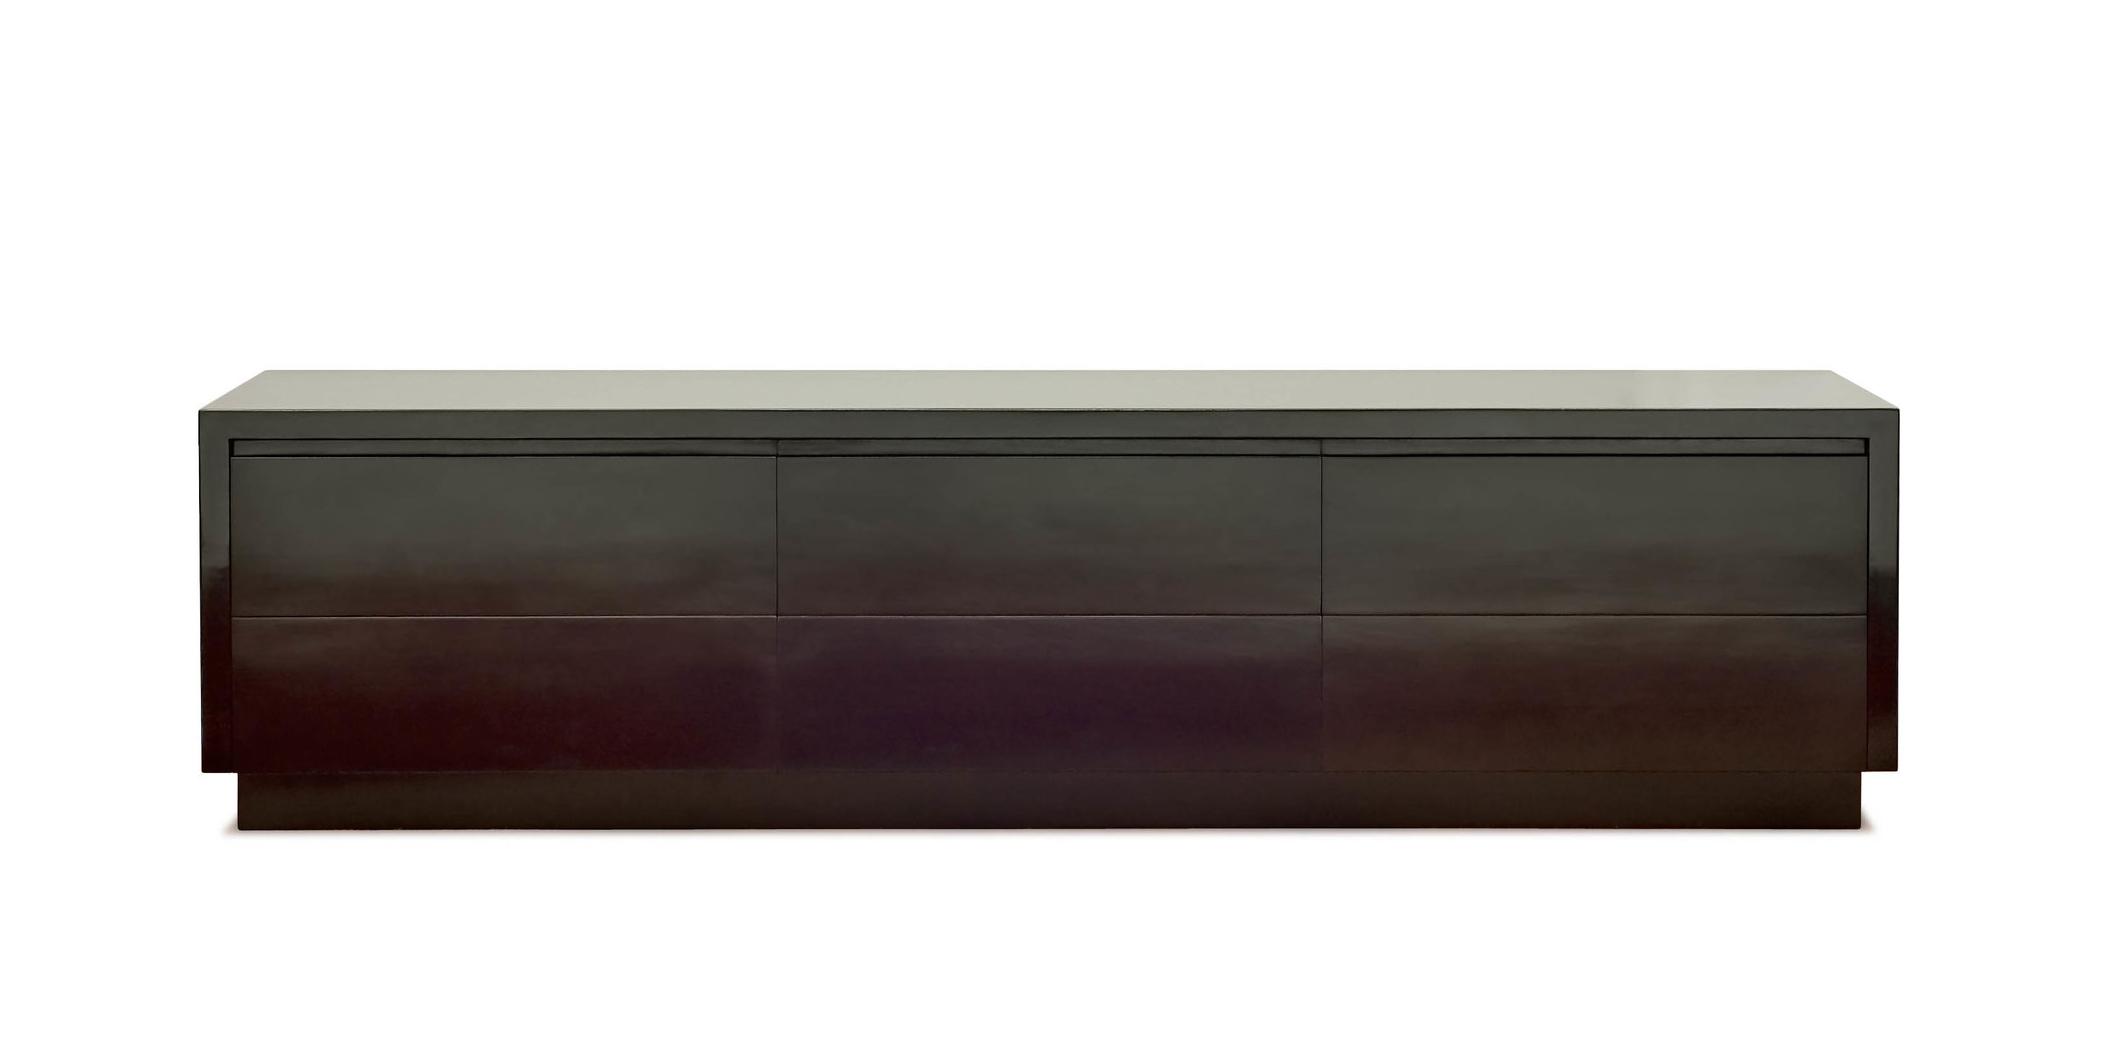 ....modern furniture : tv cabinet ..摩登家具 : 电视柜....